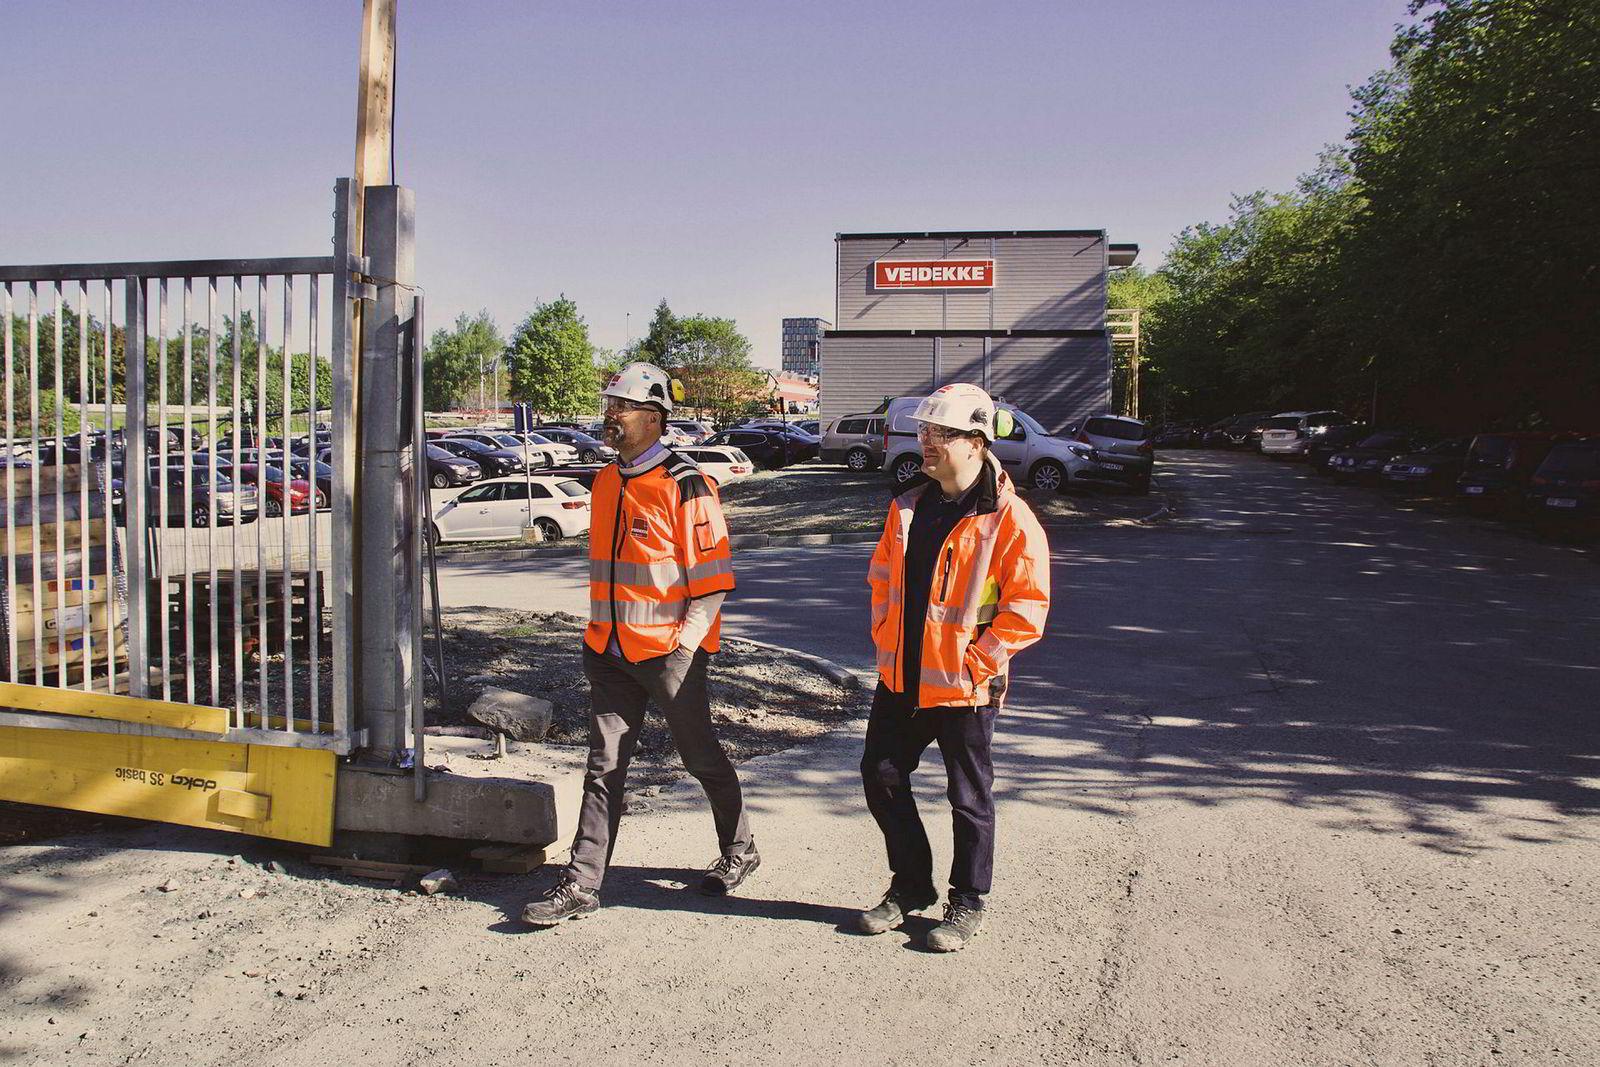 Bjørnar Gullbrekken og Trygve Karlsen var med å bygge Miljøbygget i Trondheim for 10 år siden, nå gjør de det igjen - med teknologi fra Siemens.